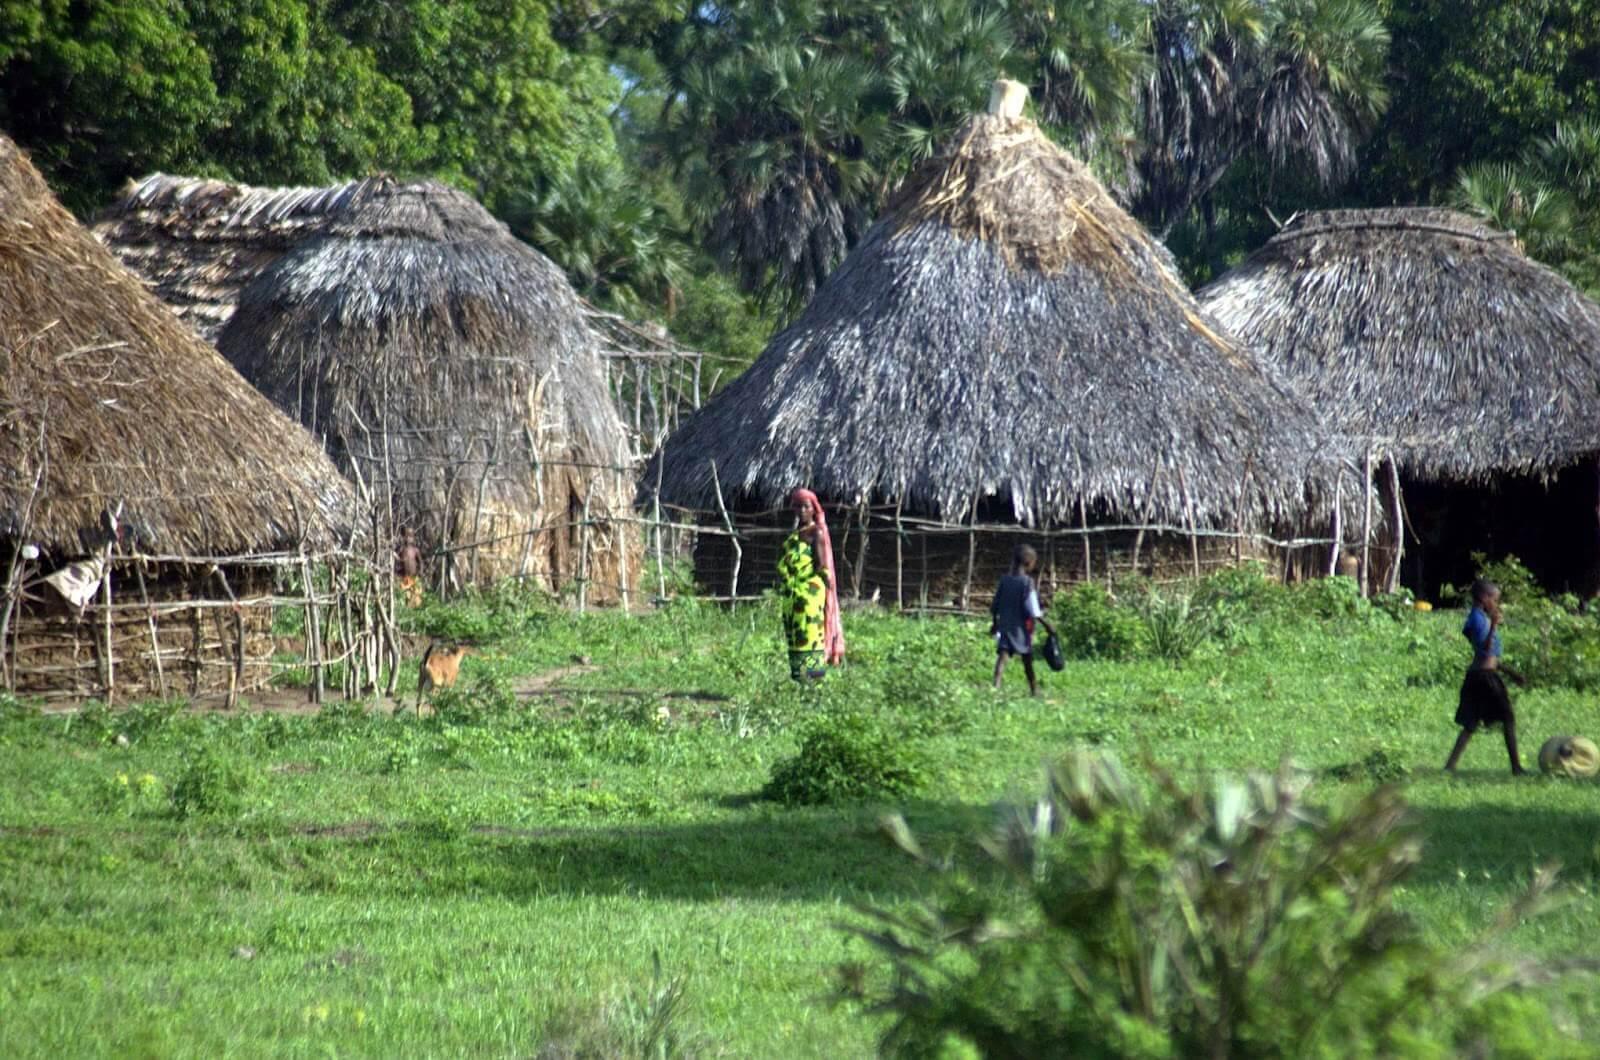 ラム (ケニア)の画像 p1_19